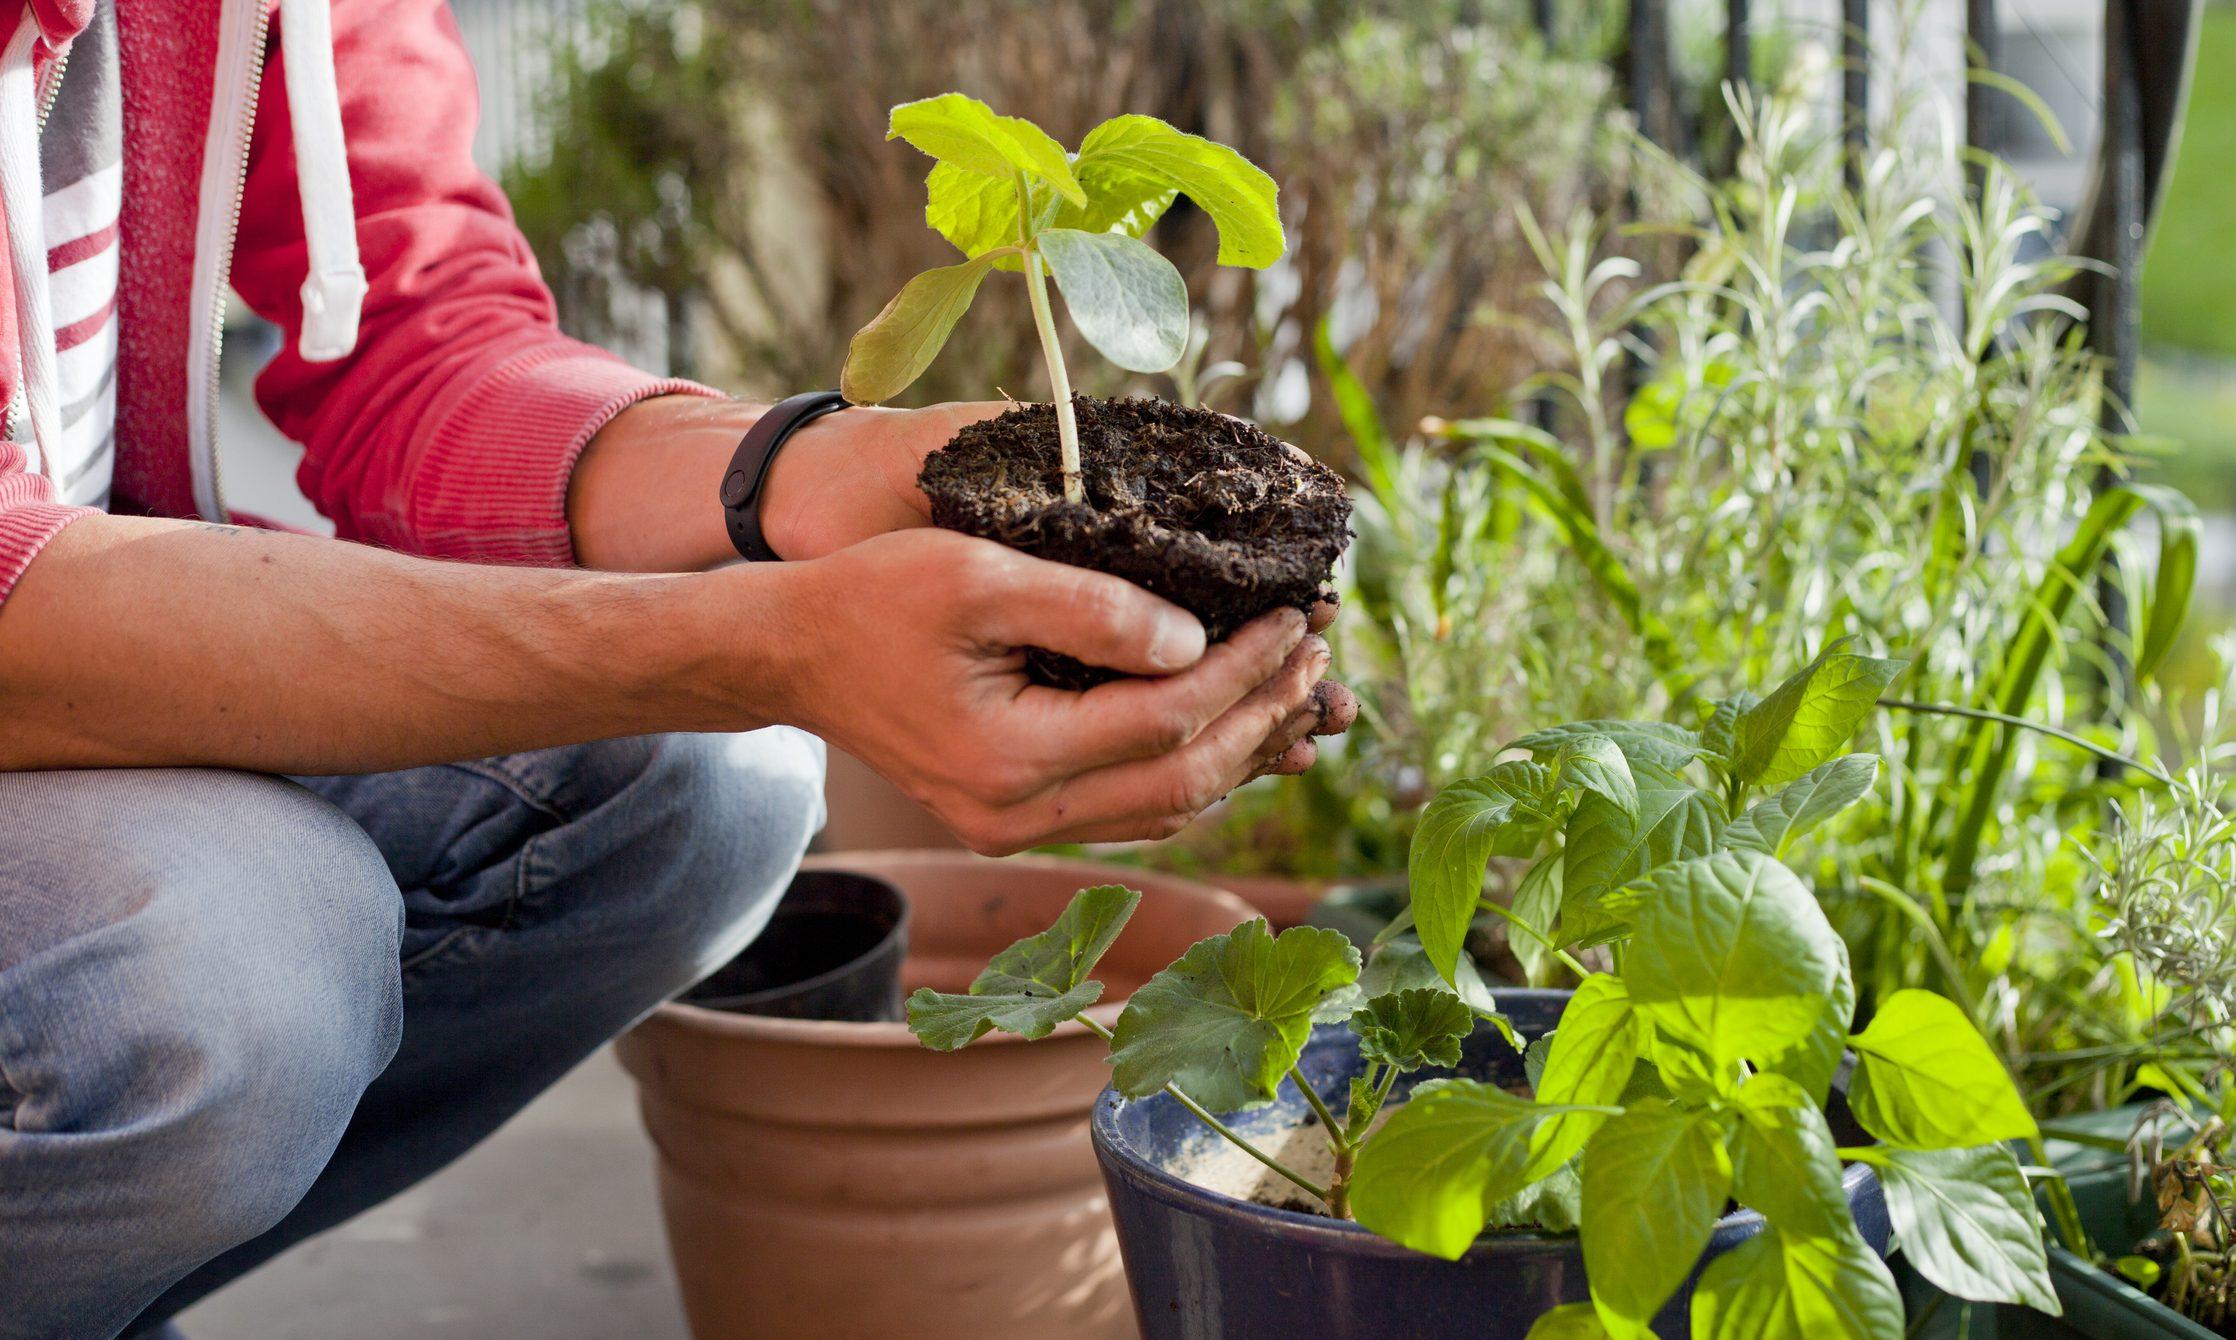 Come Coltivare Pomodori Sul Balcone come realizzare un orto sul balcone: gli attrezzi e i semi